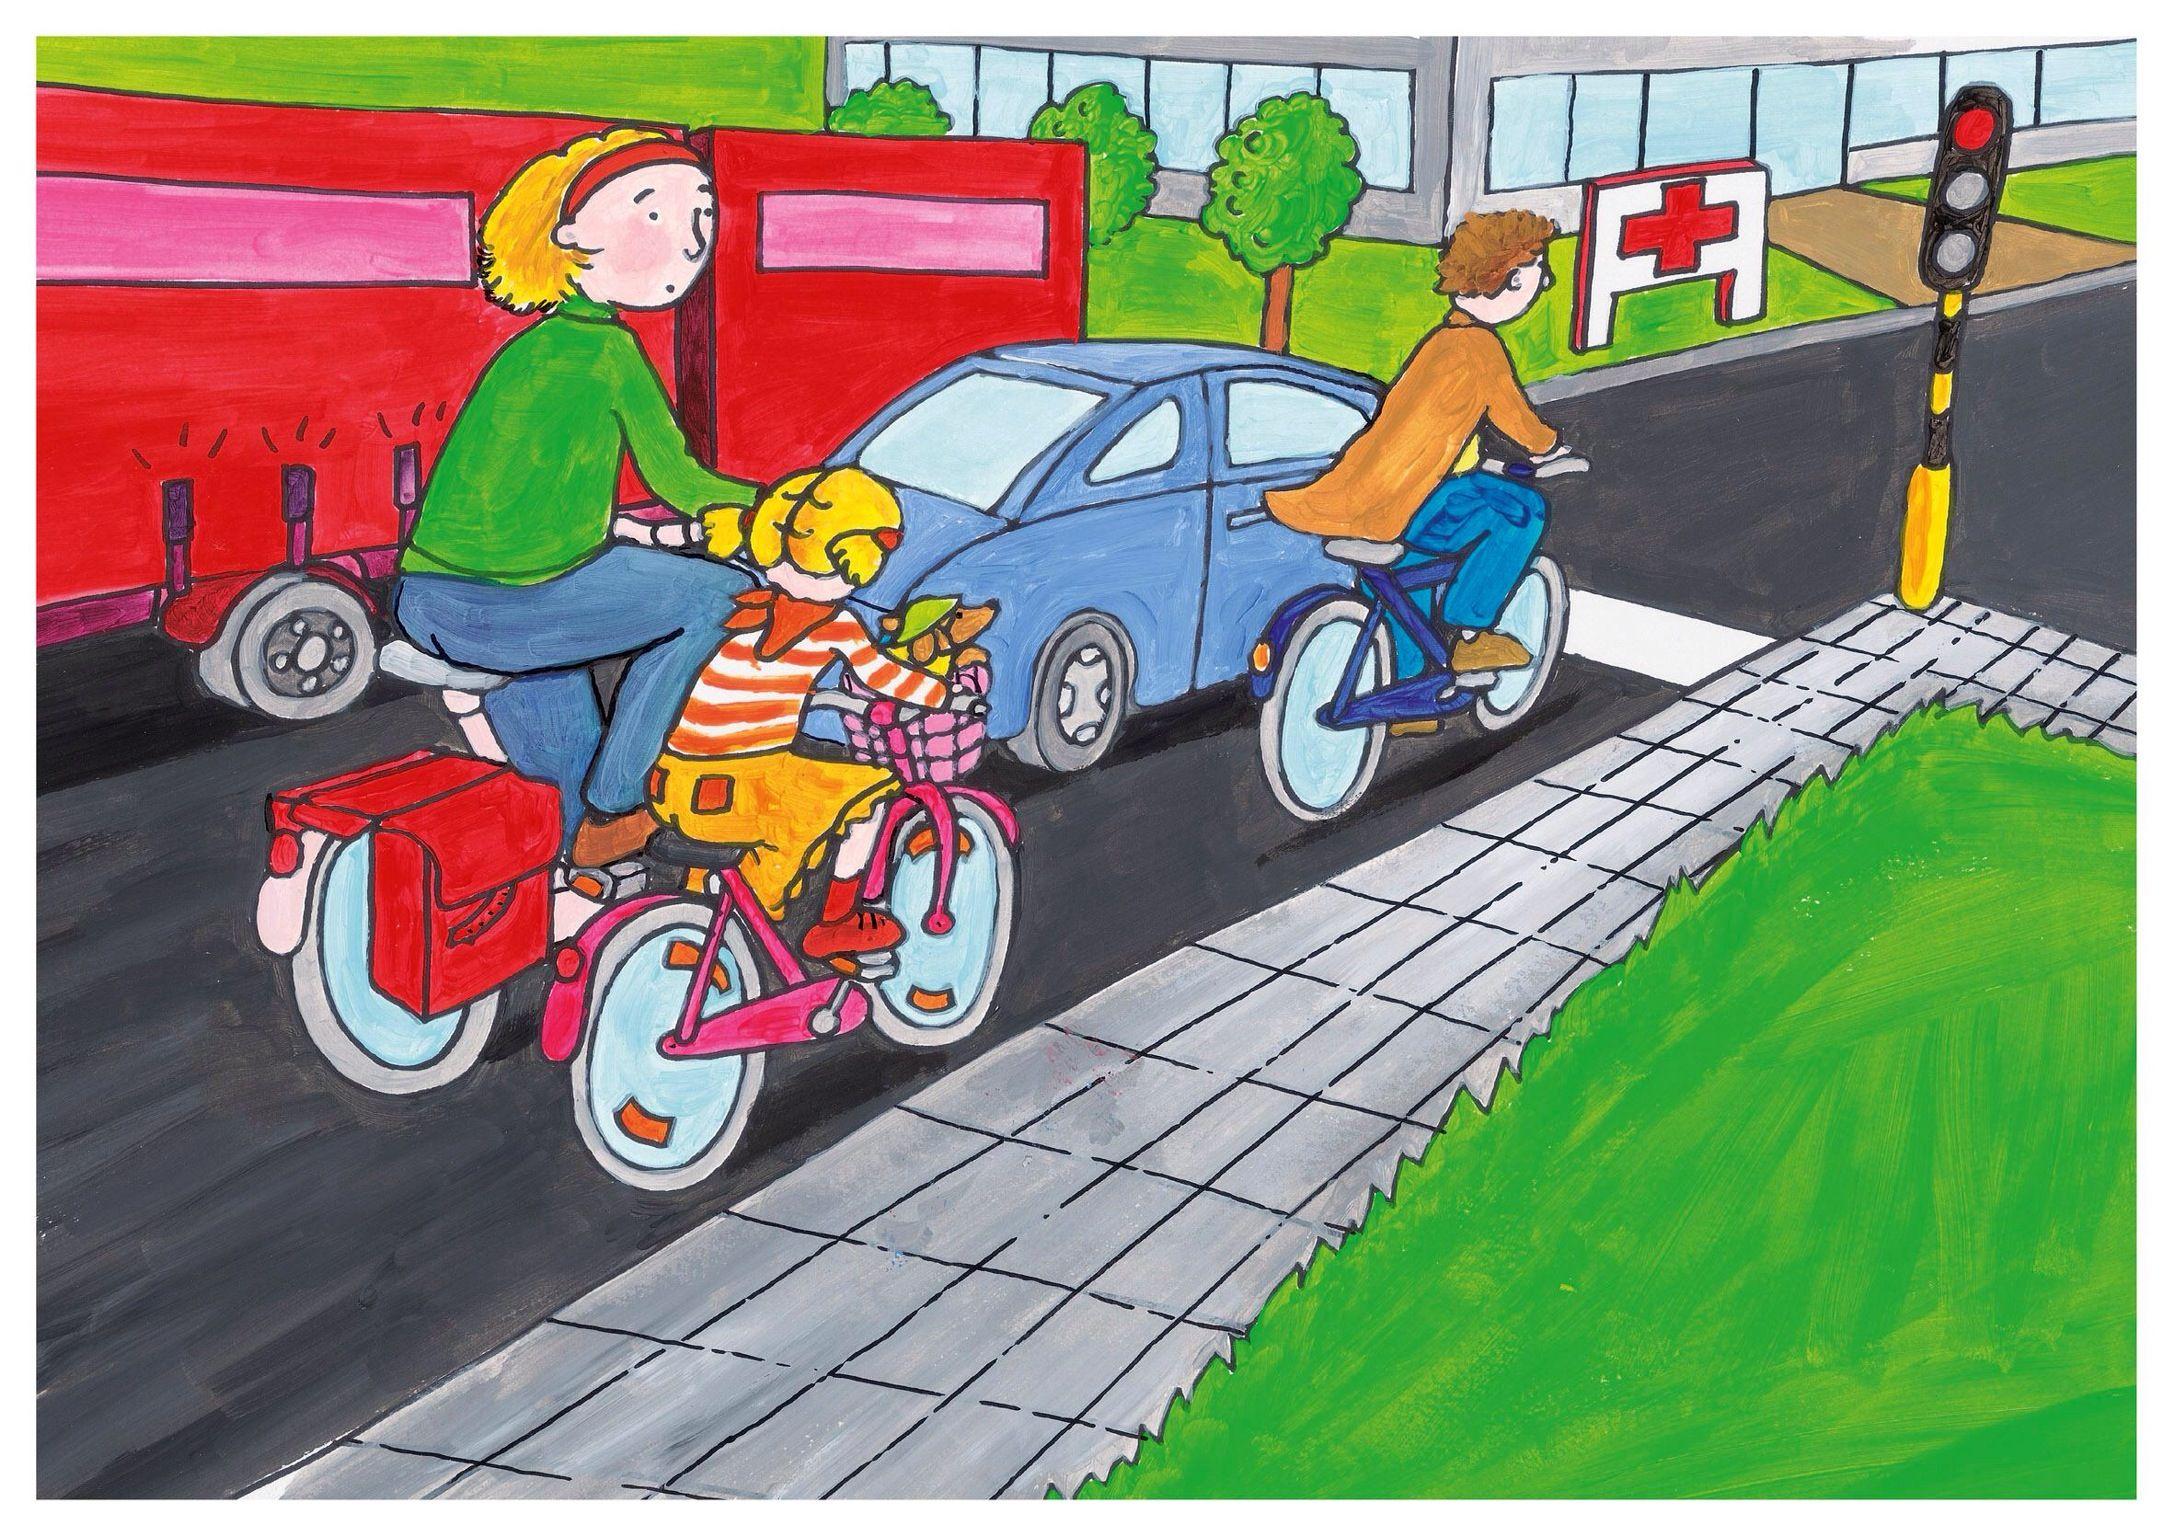 Pin Van Esther Broers Op Thema Traffic Verkeer Thema Vervoer Voor Kinderen